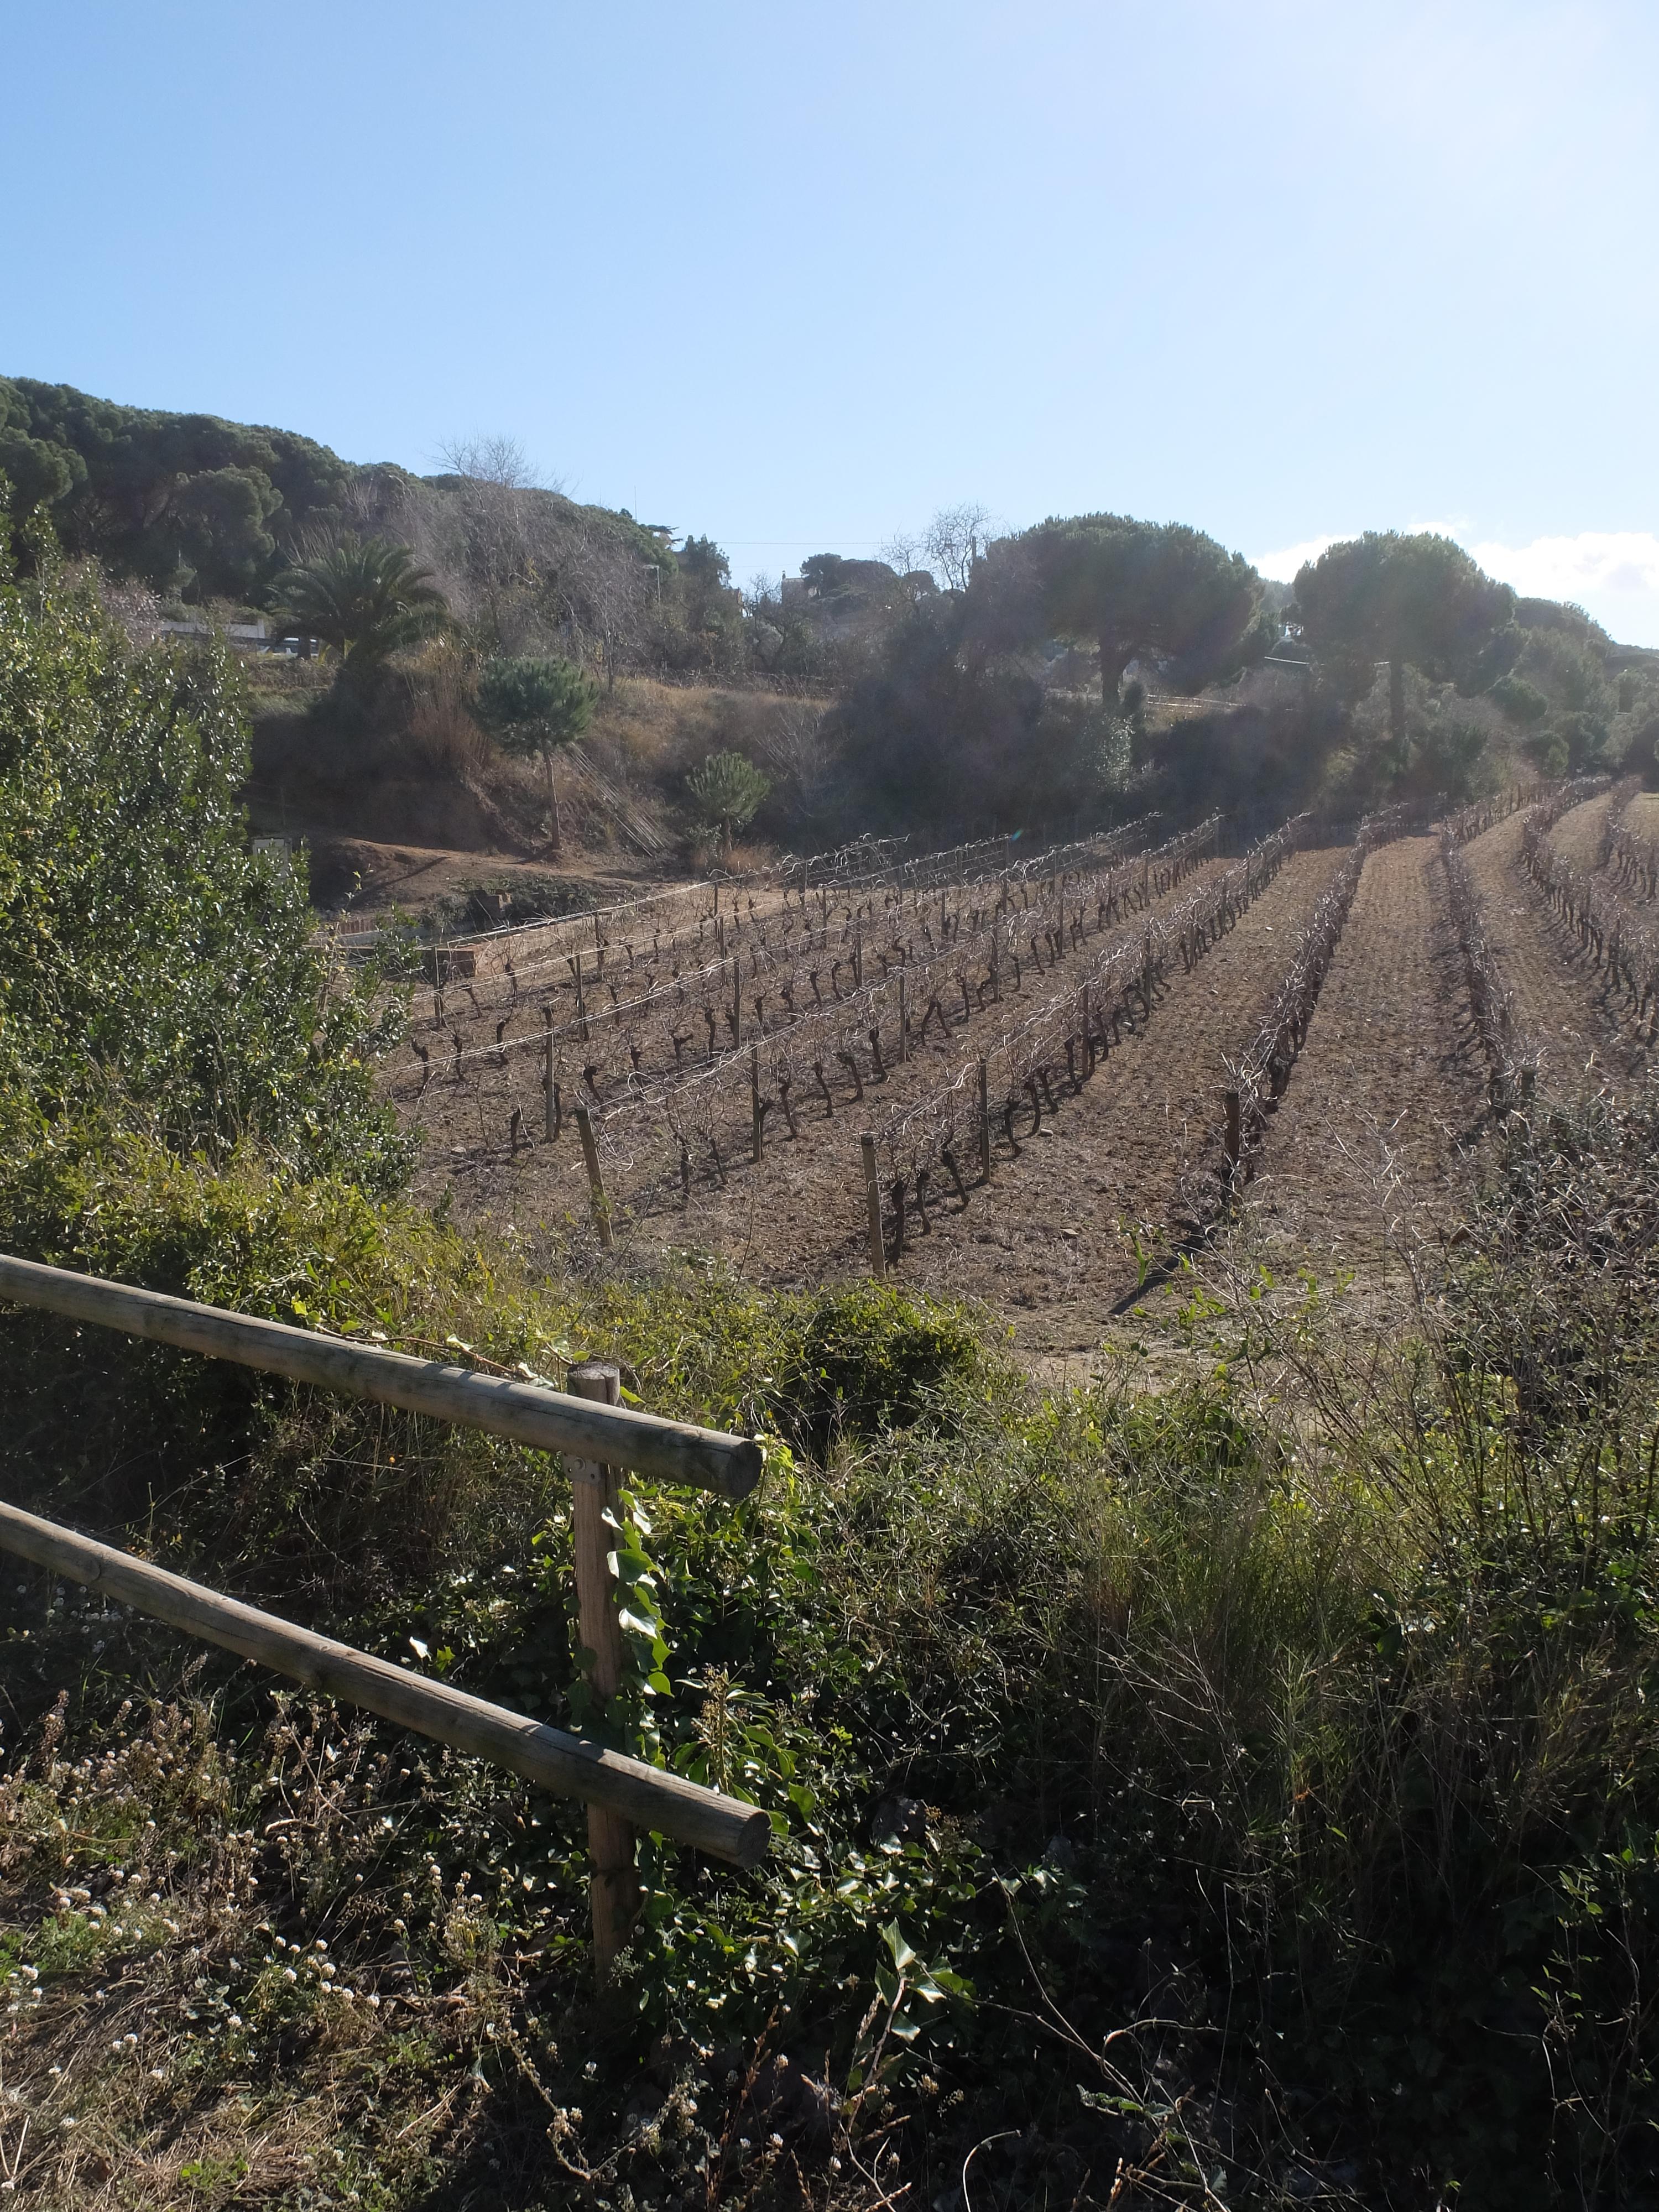 Vista de las viñas, Masia Coll - Canyet (Badalona)